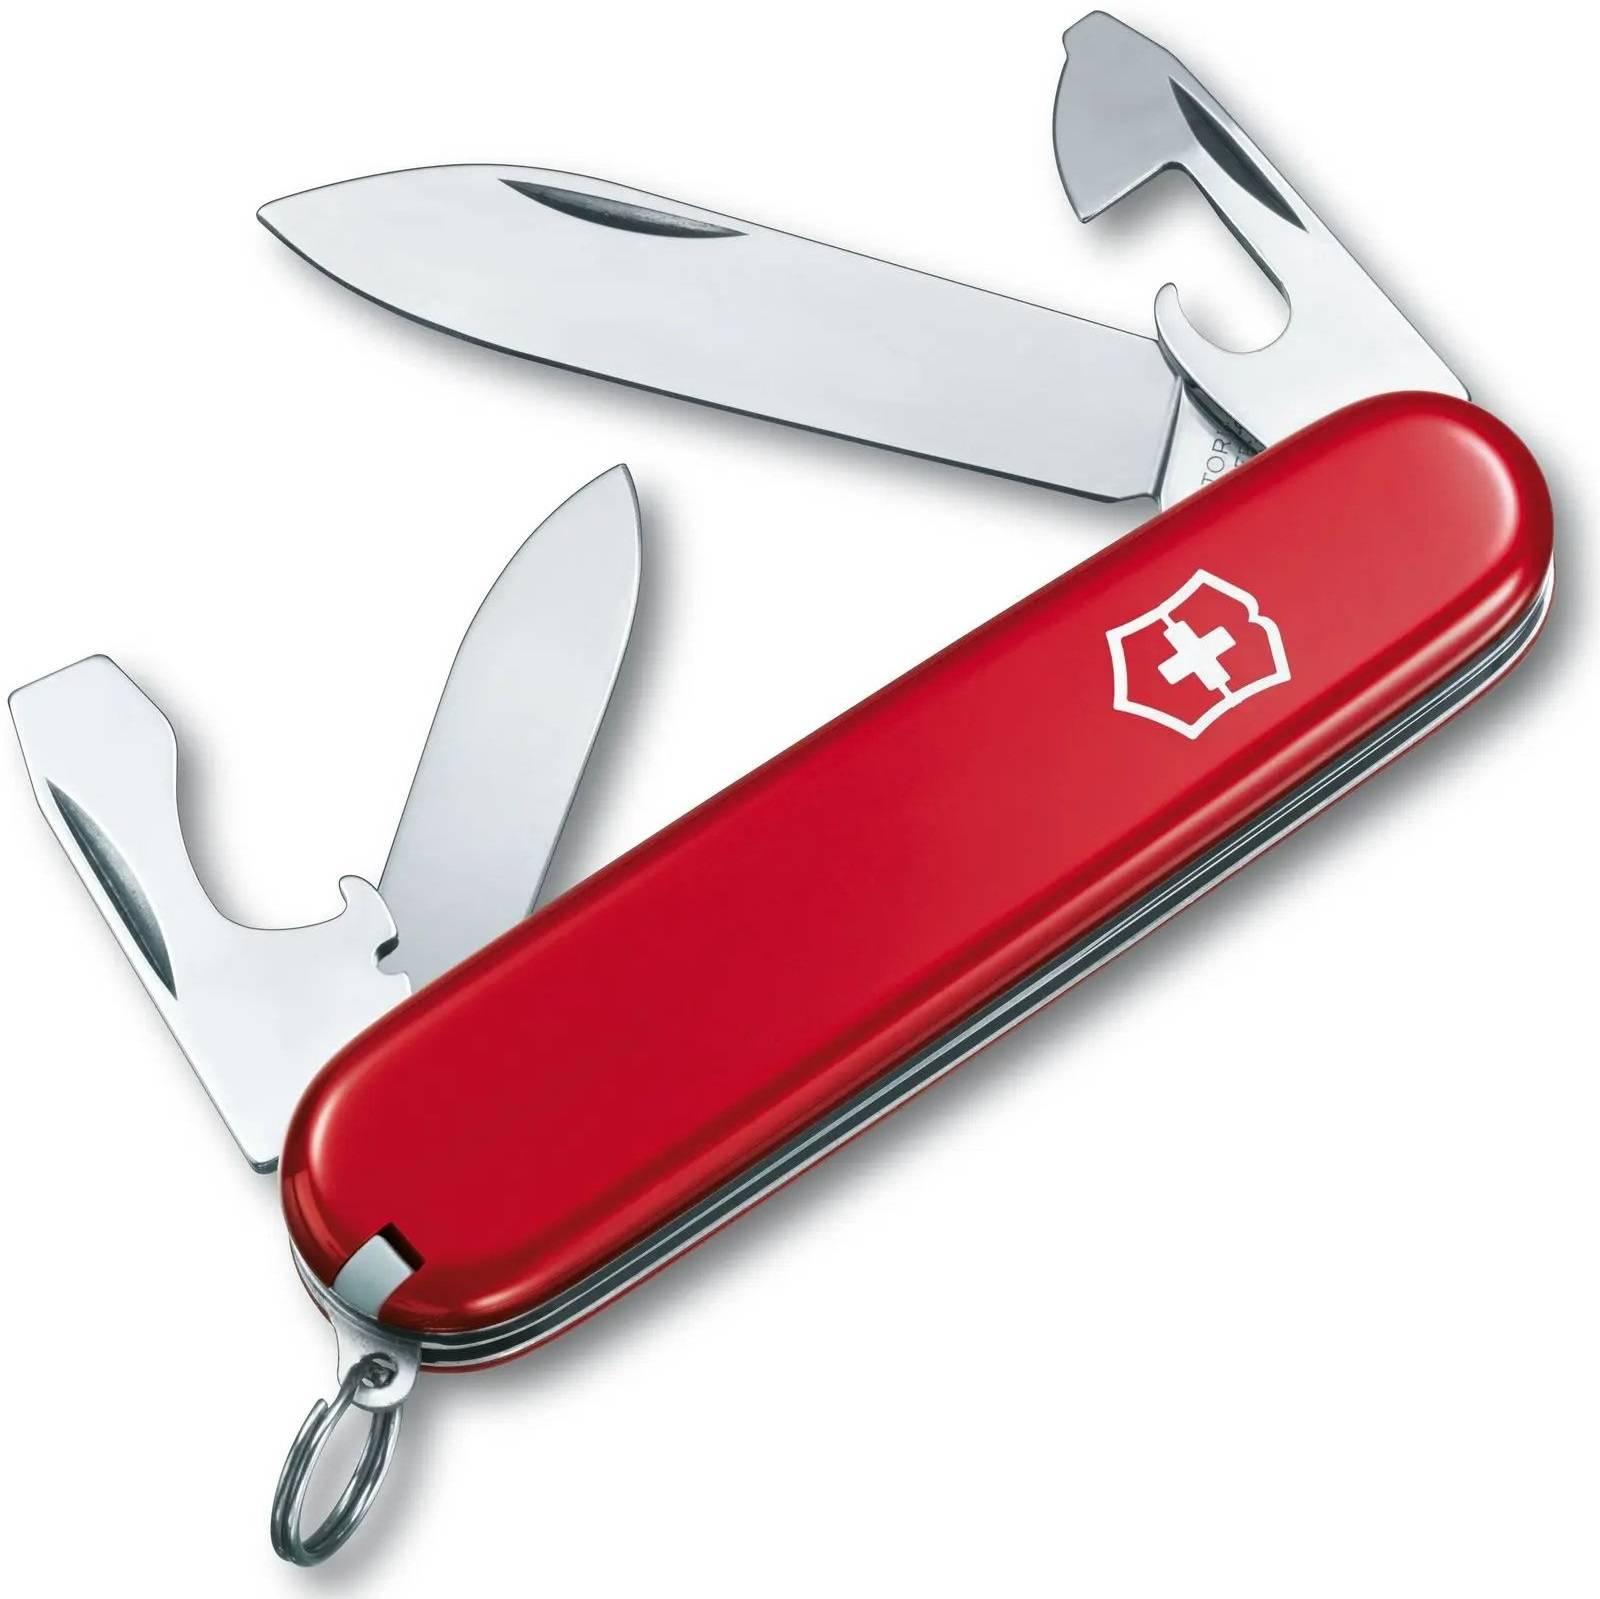 Нож перочинный Victorinox Recruit (0.2503) красный - фото 1